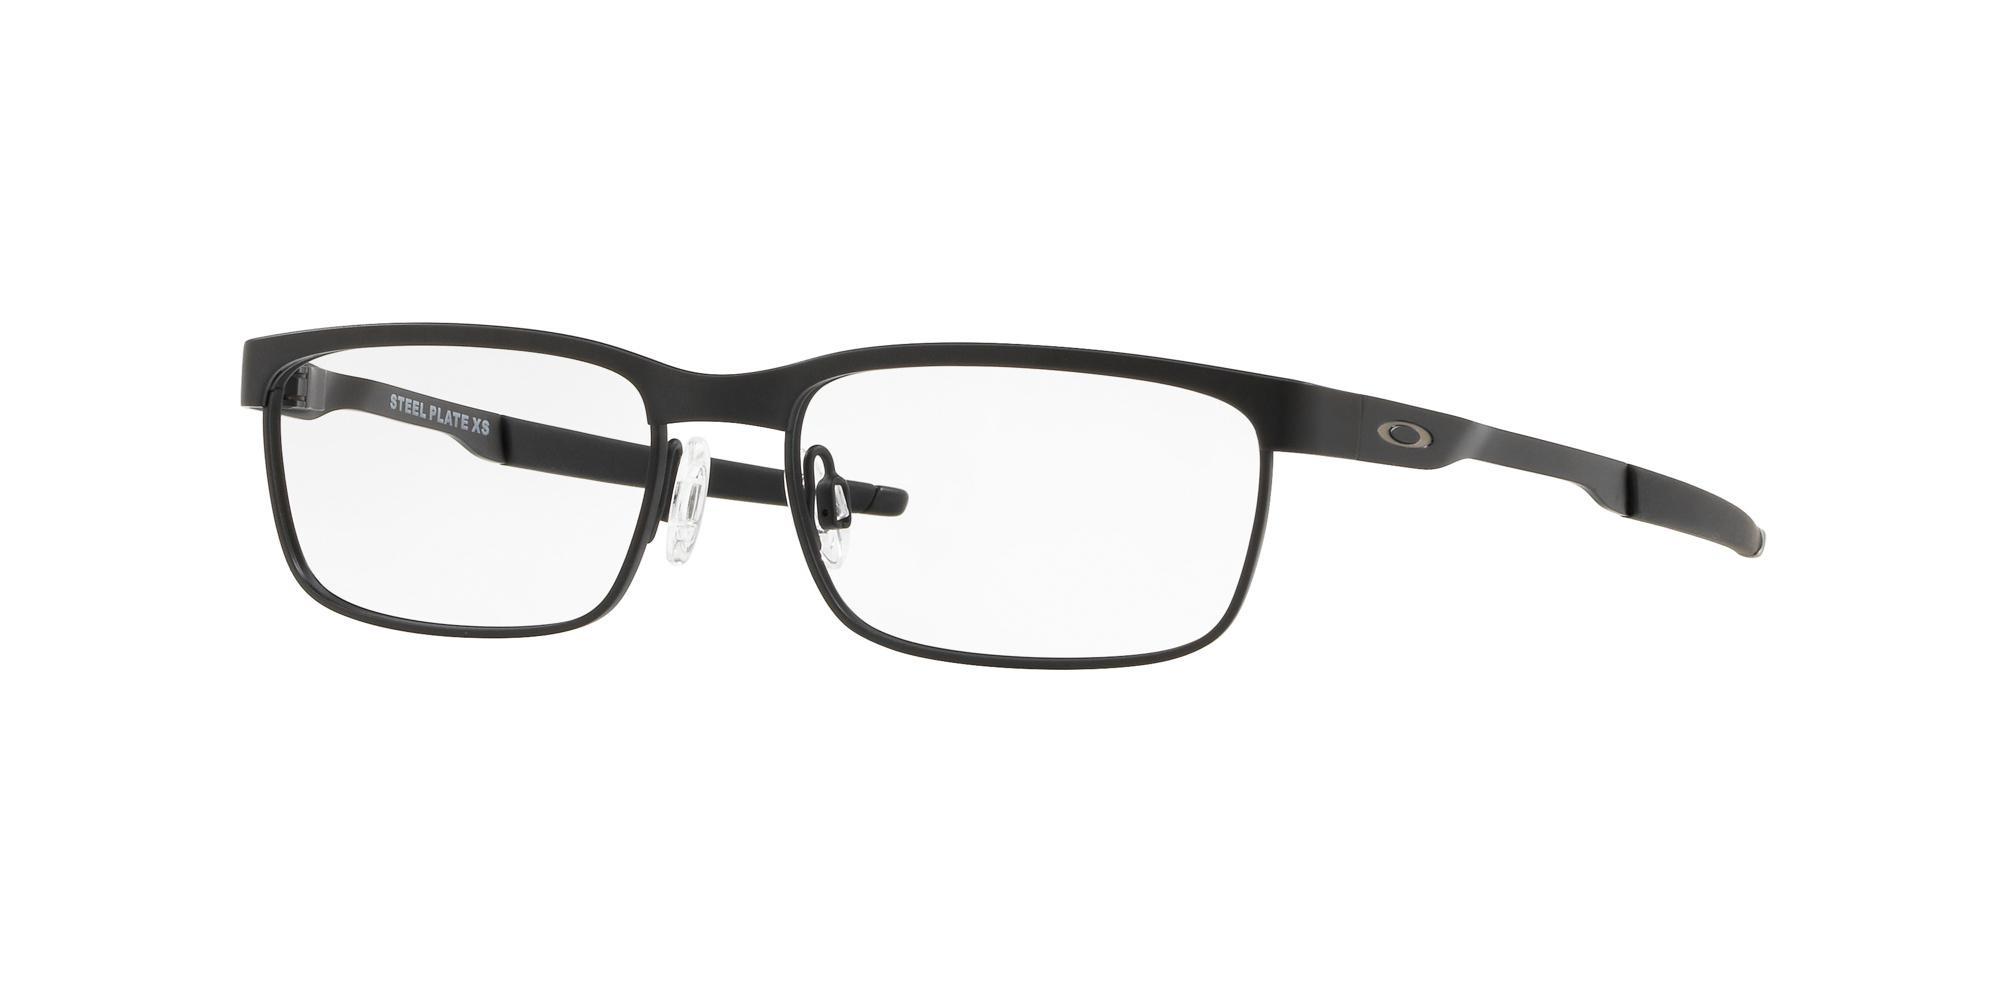 Oakley eyeglasses STEEL PLATE XS JUNIOR OY 3002